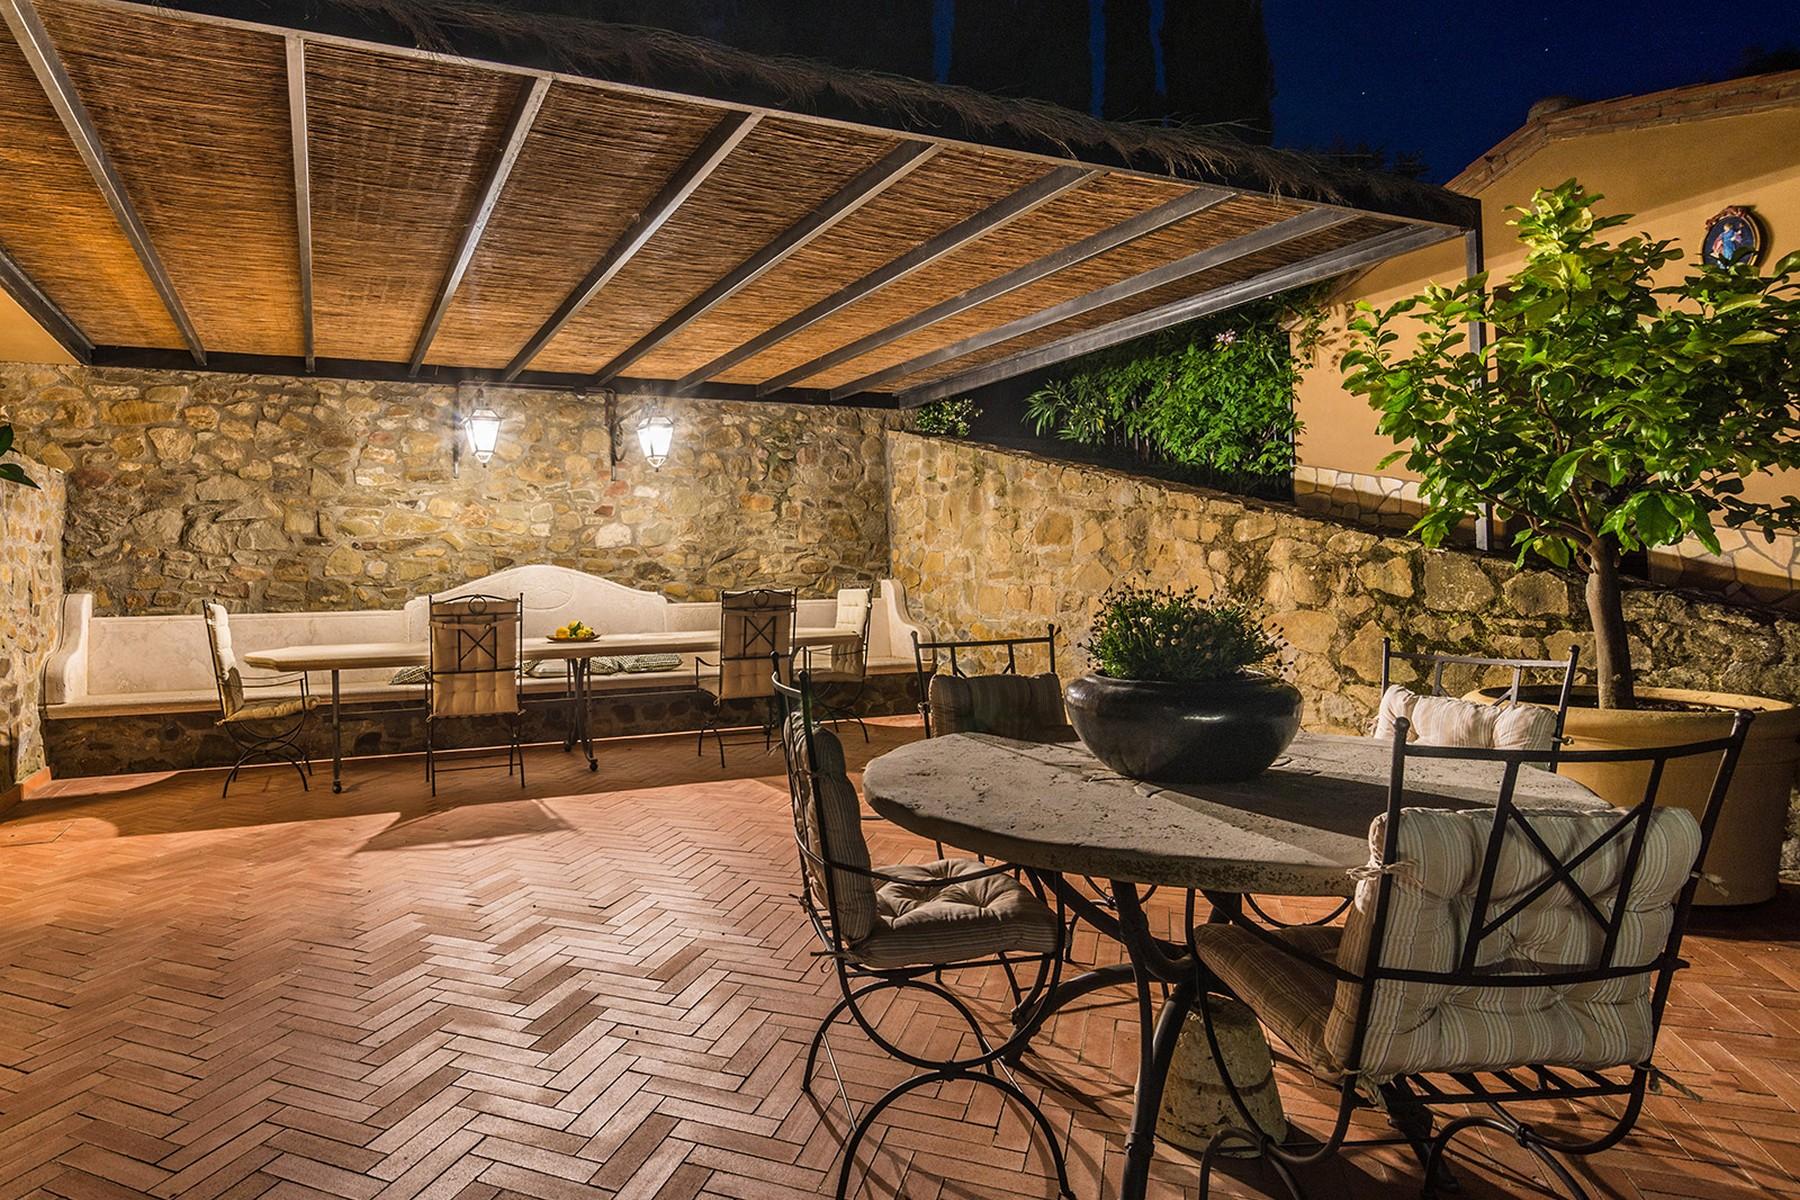 Additional photo for property listing at Inspiring Tuscan Estate with vineyards Località Poggio al Santino Castiglione Della Pescaia, Grosseto 58043 Italy